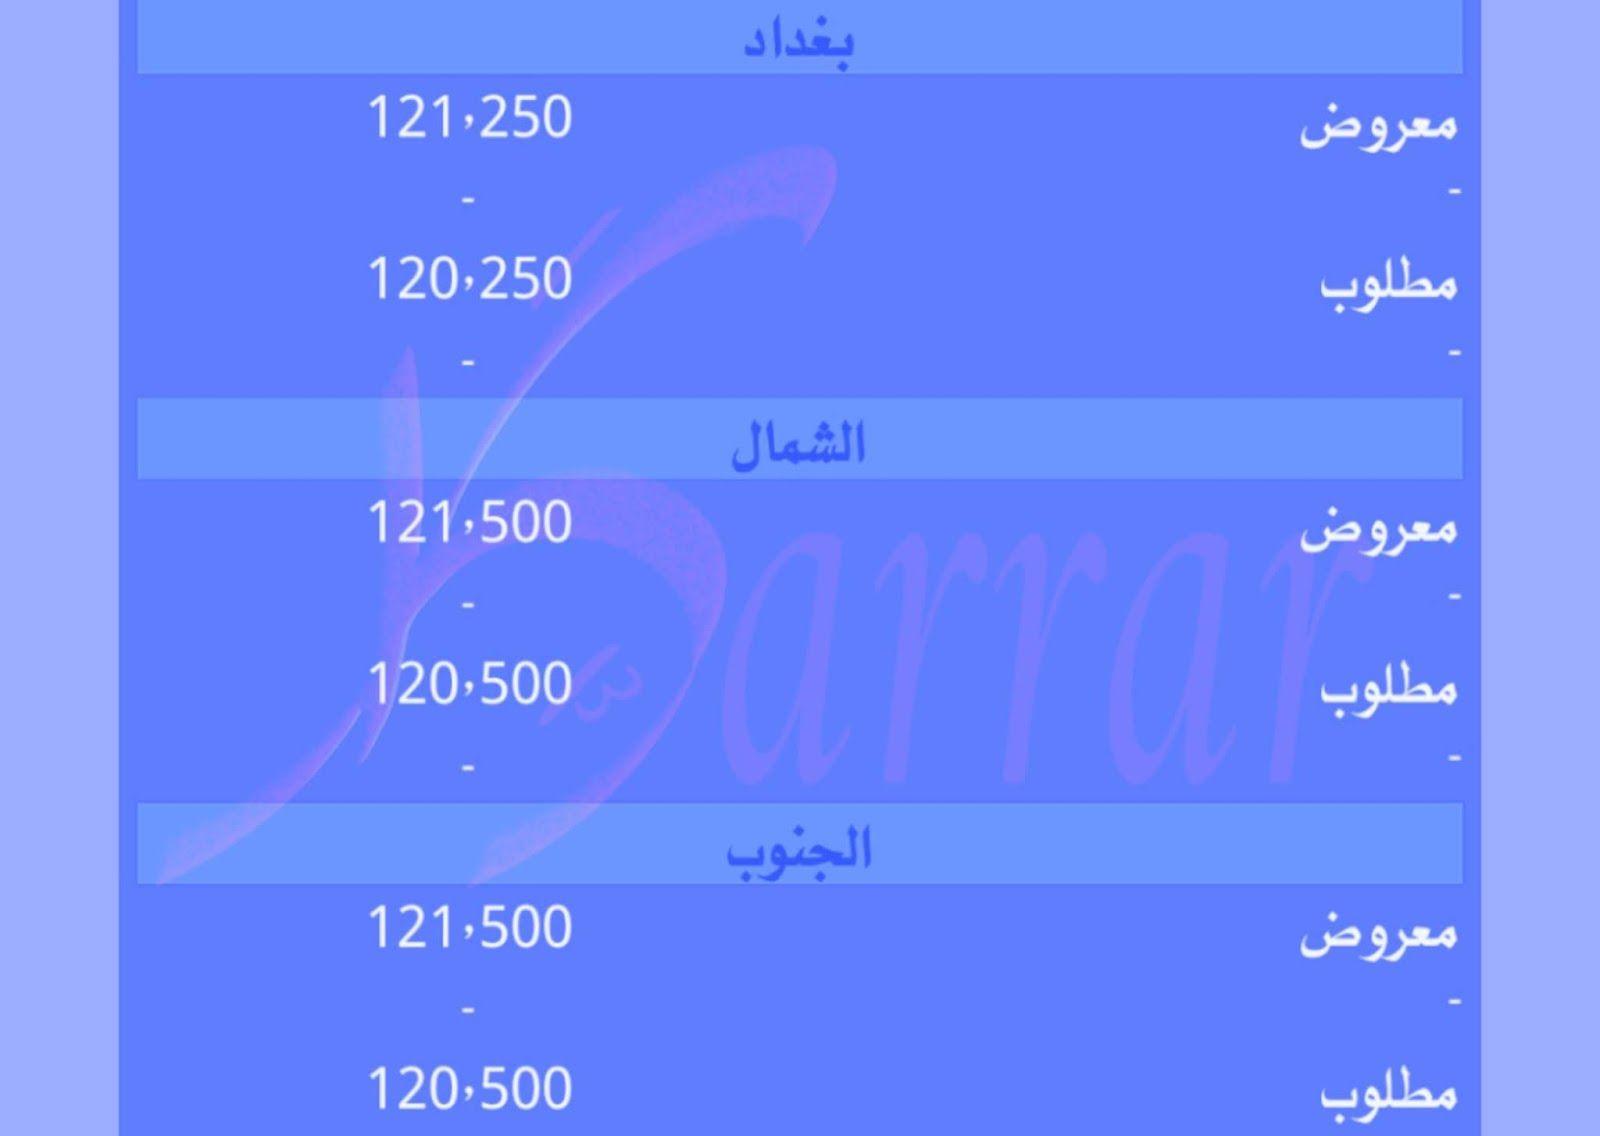 أسعار الصرف والبيع والشراء للدولار والعملات الاجنبية مع الدينار العراقي ليوم الأحد 8 3 مارس 2020 أسعار الصرف والبيع والشراء للدولار Weather Weather Screenshot